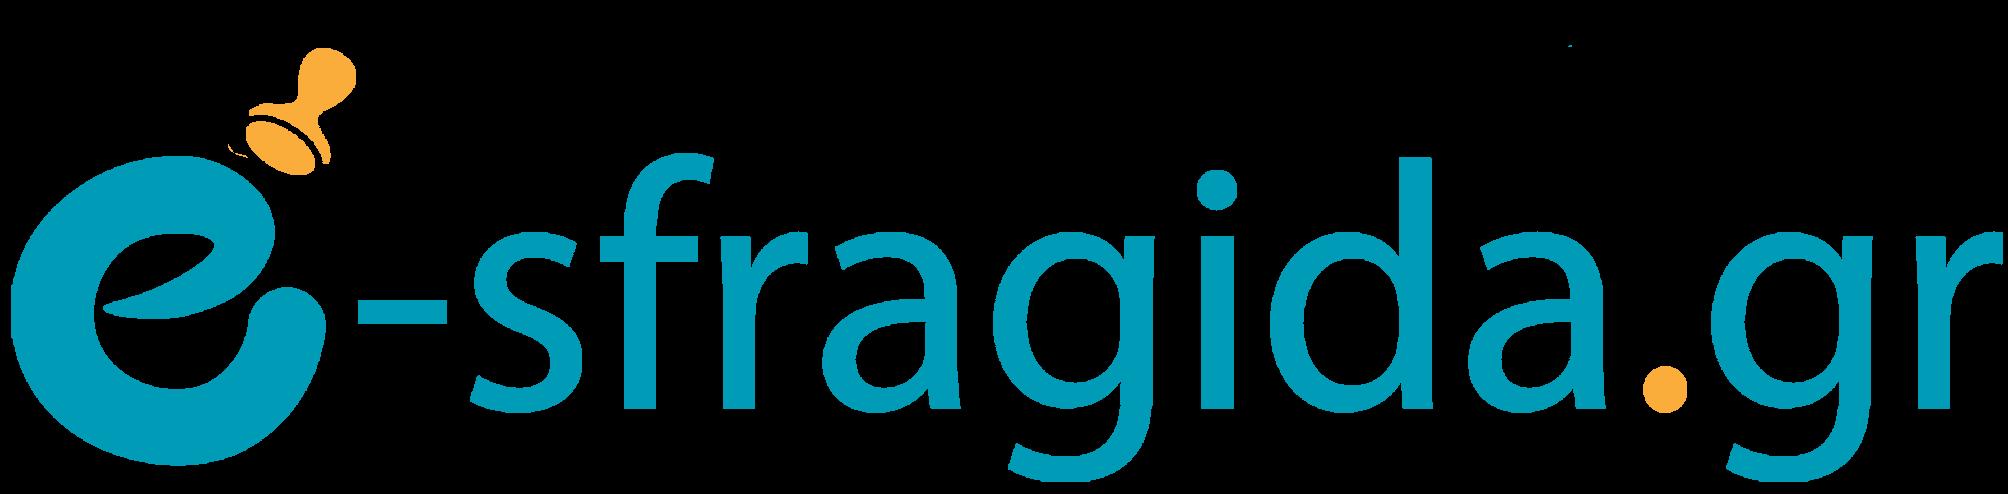 e-sfragida Σφραγίδες στη καλύτερη τιμή της αγοράς